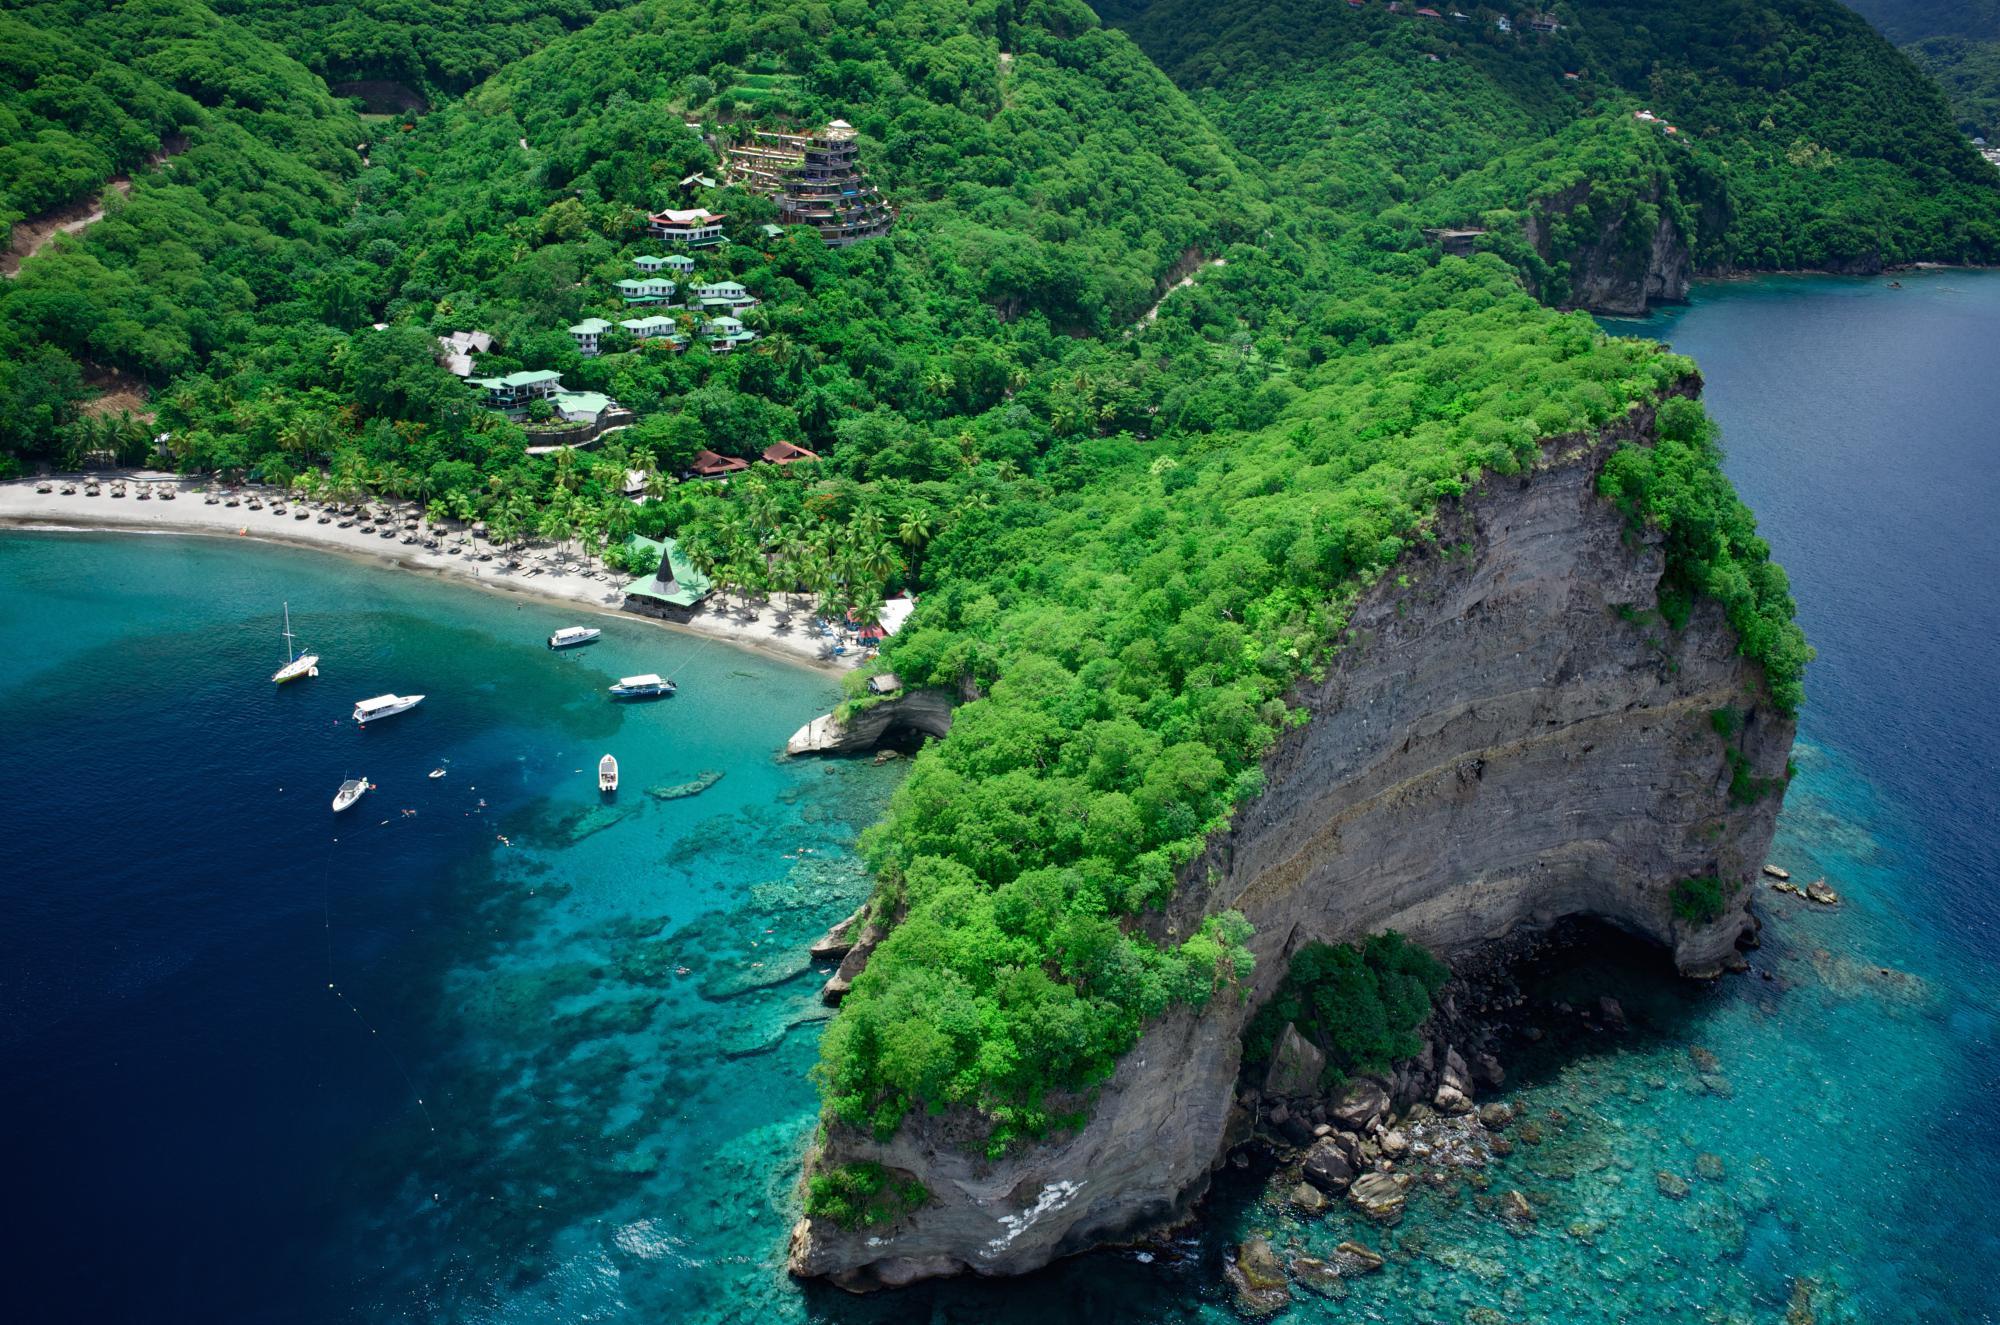 L'isola di Santa Lucia nei Caraibi